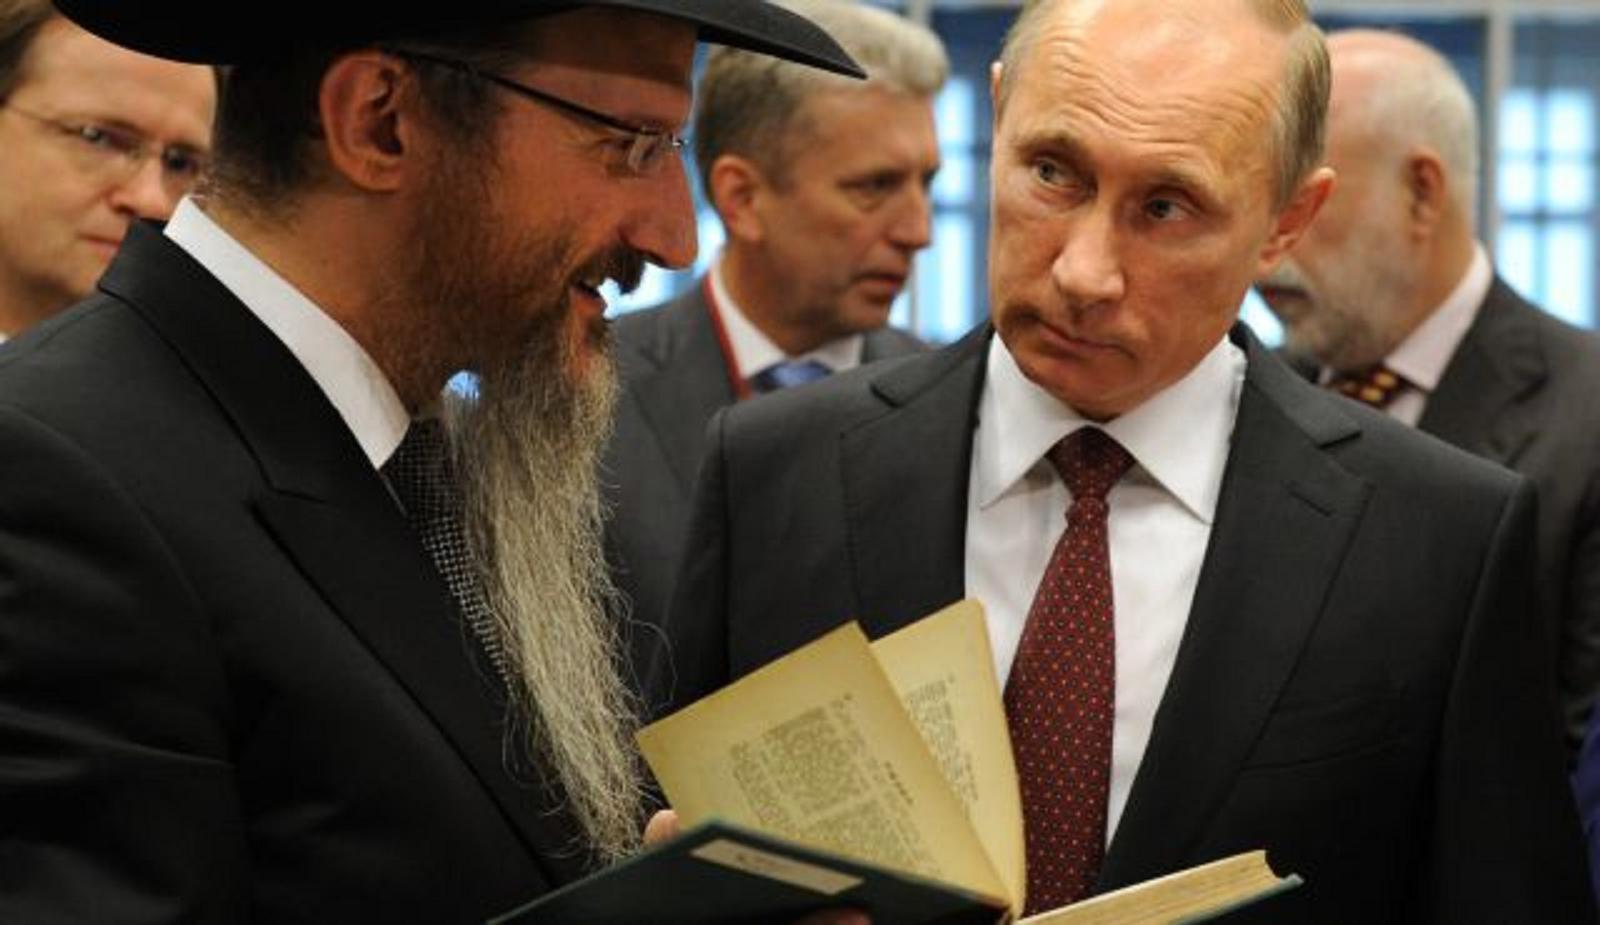 Τώρα ἀνεκάλυψε ὁ Πούτιν τοὺς Ἑβραίους τῆς Σοβιετικῆς Ἐνώσεως.3